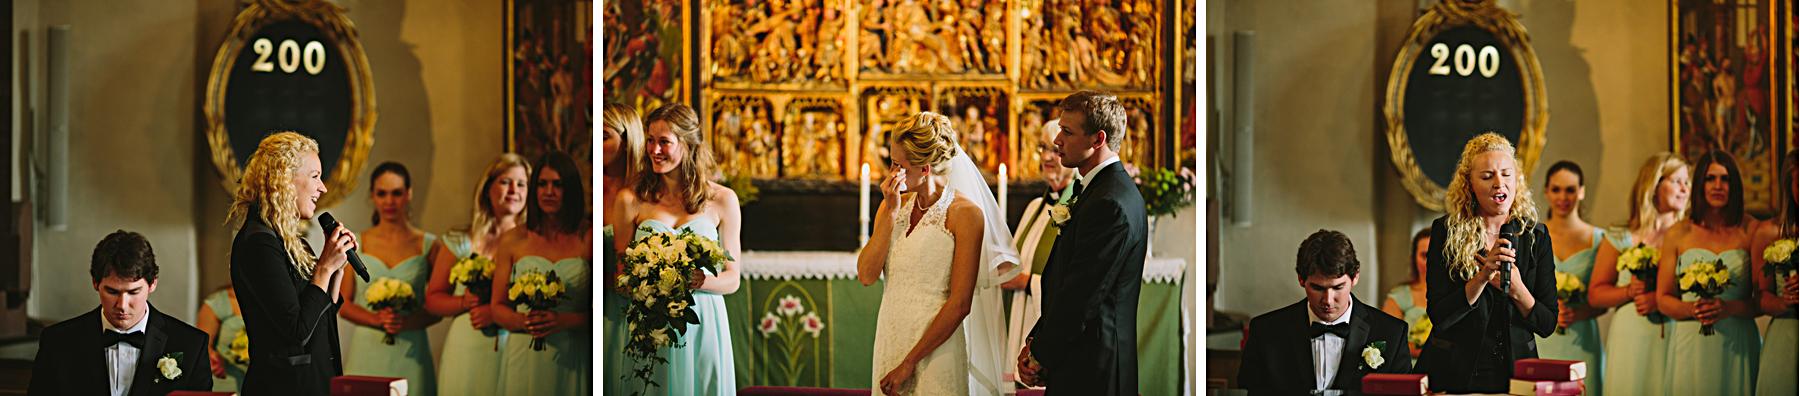 Brudens vän sjöng inför alla gäster